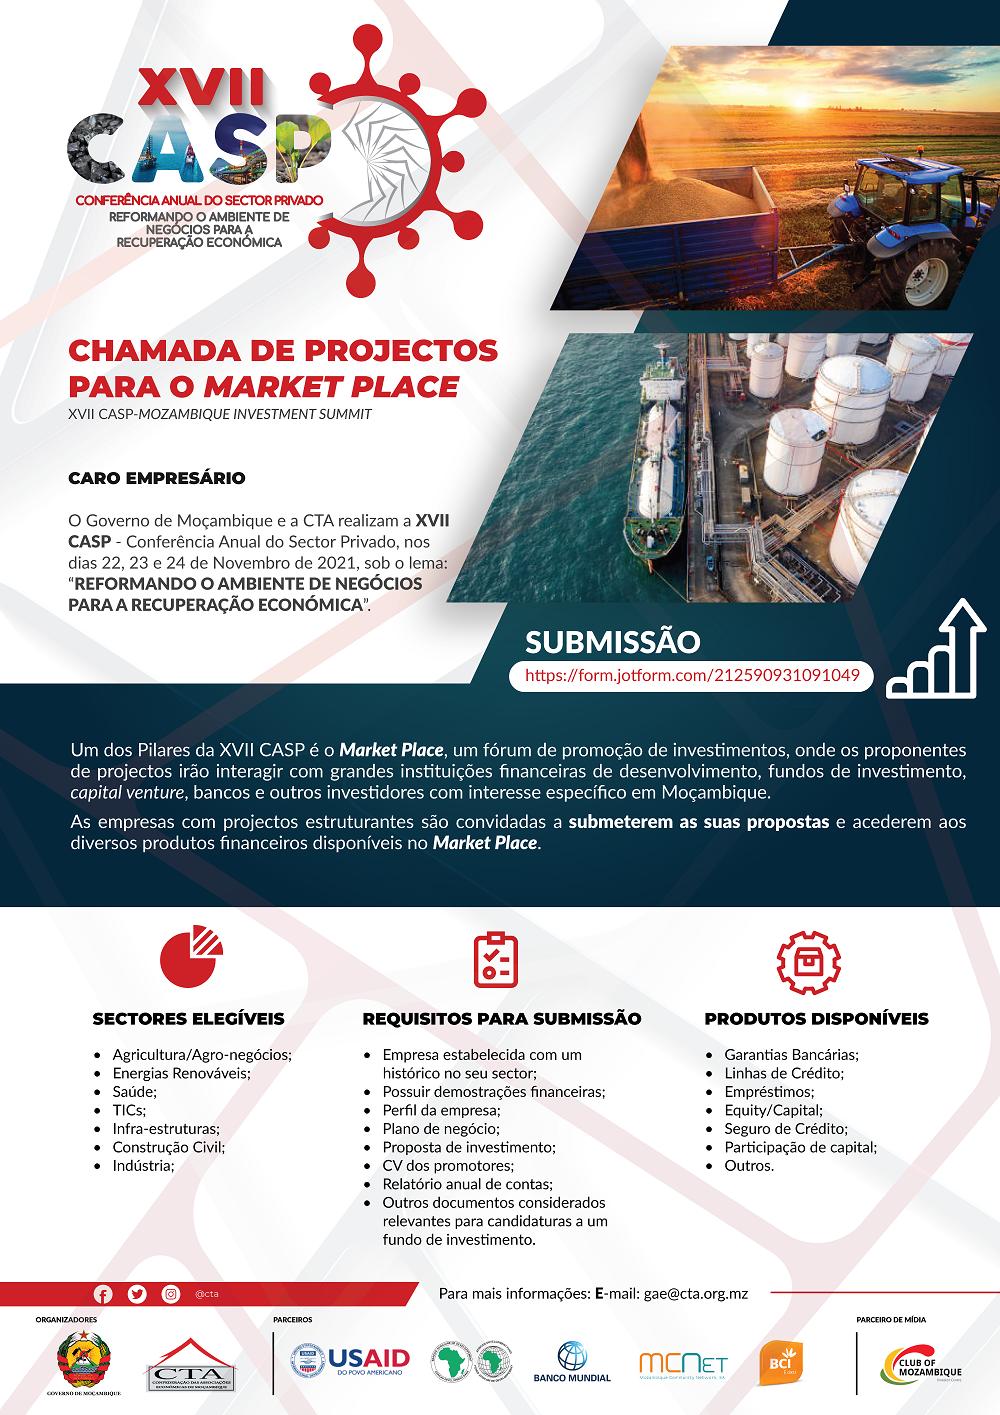 Chamada de Projectos  para o Market Place